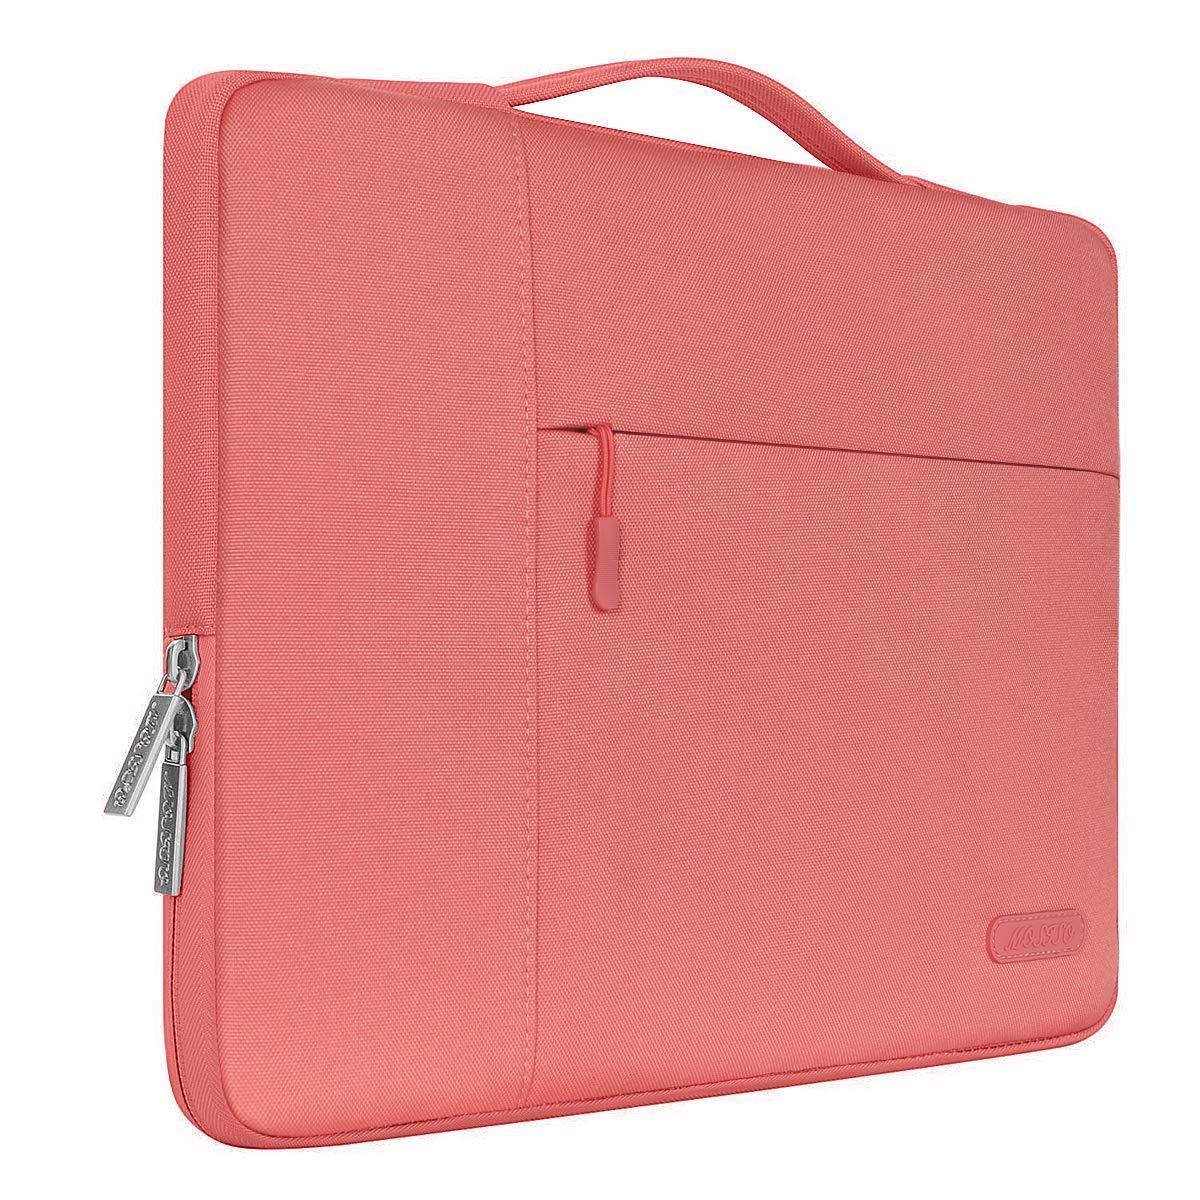 Funda Para Laptop de 13-13.3 Inch - Coral vivo - Mosiso